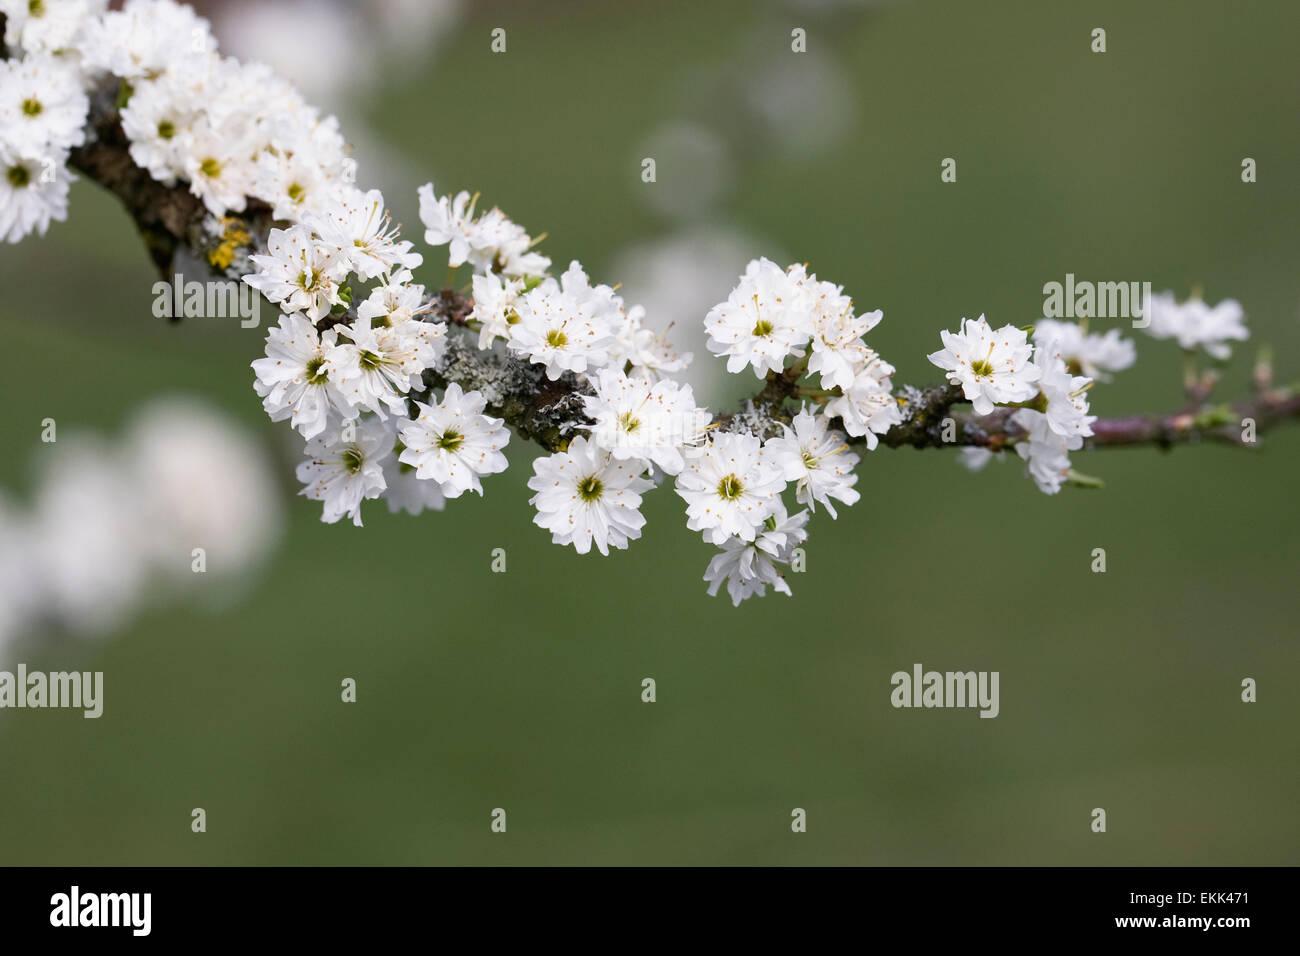 Prunus spinosa 'Plena'. Blackthorn flowers in Spring. - Stock Image